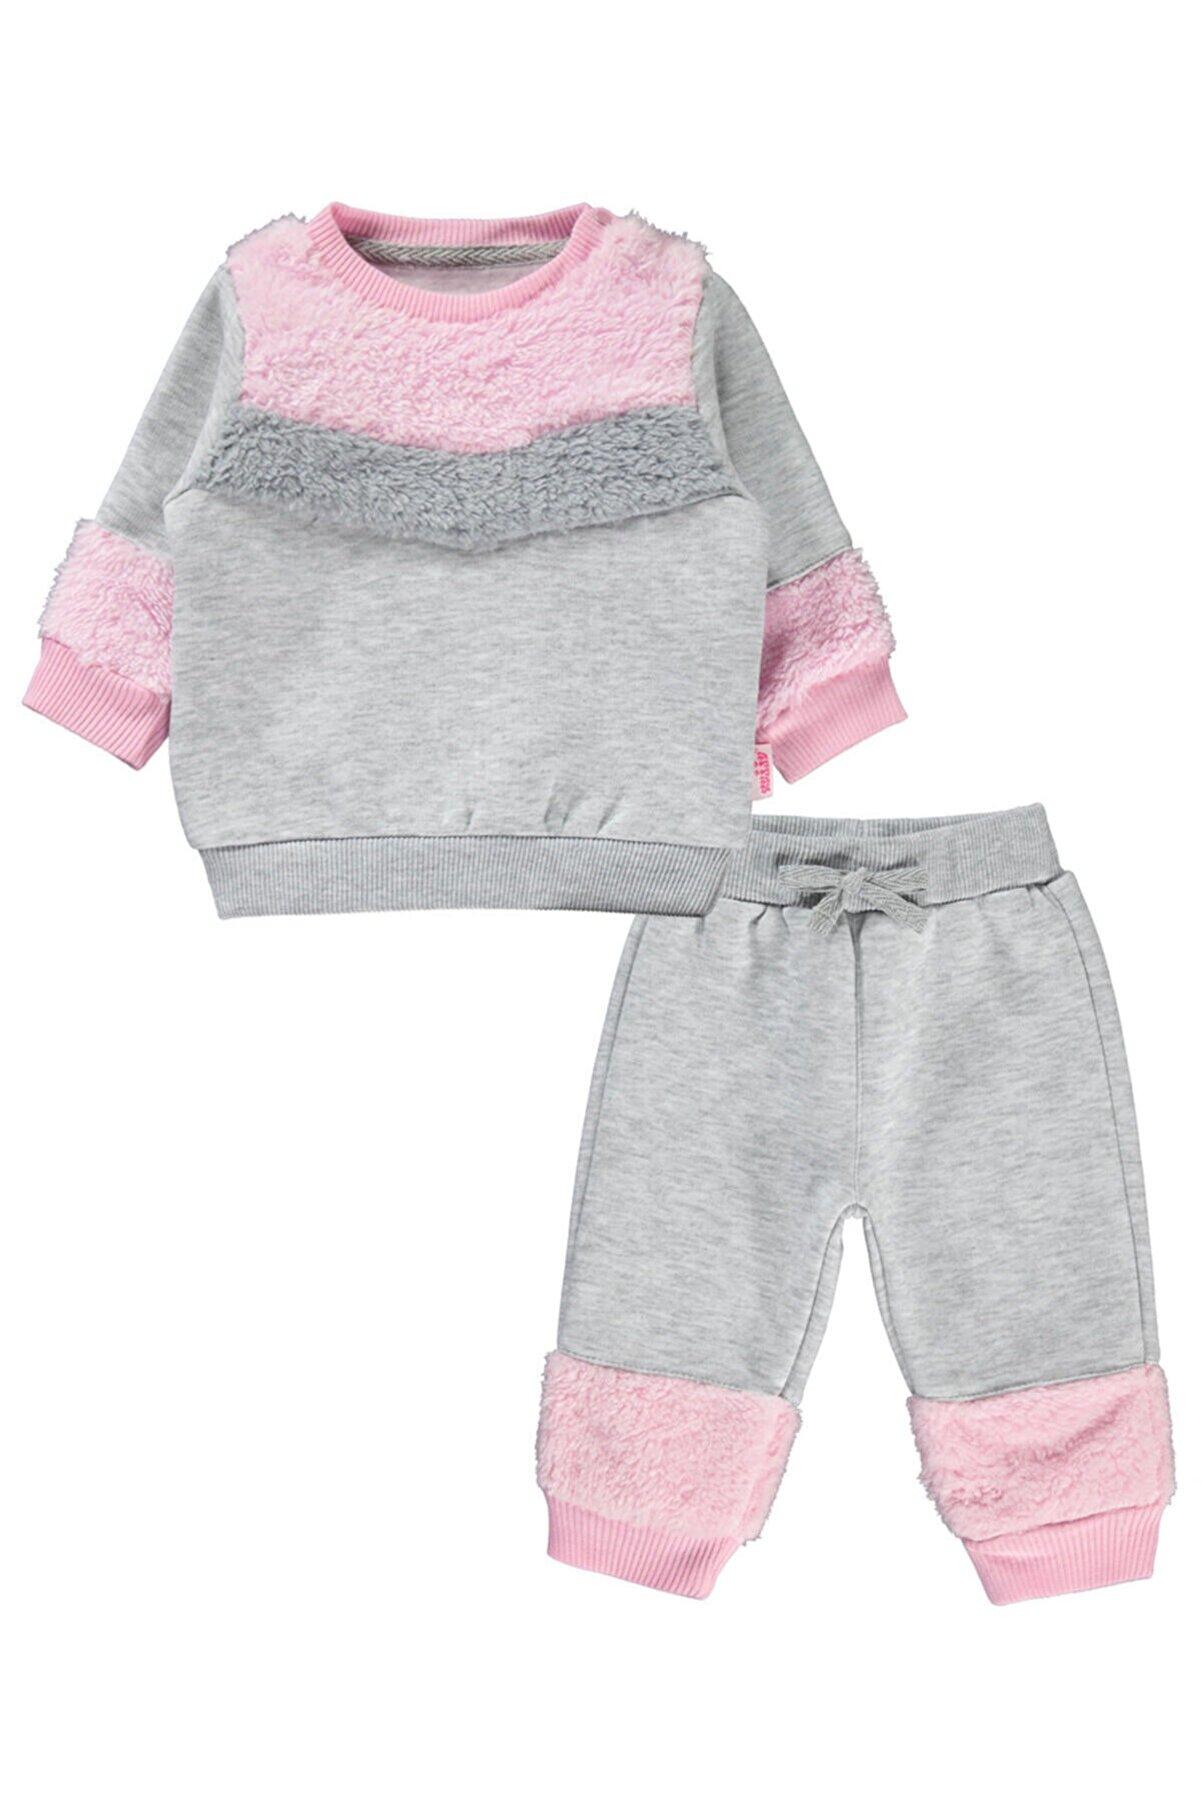 Kujju Kız Bebek Takım 6-18 Ay Karmelanj